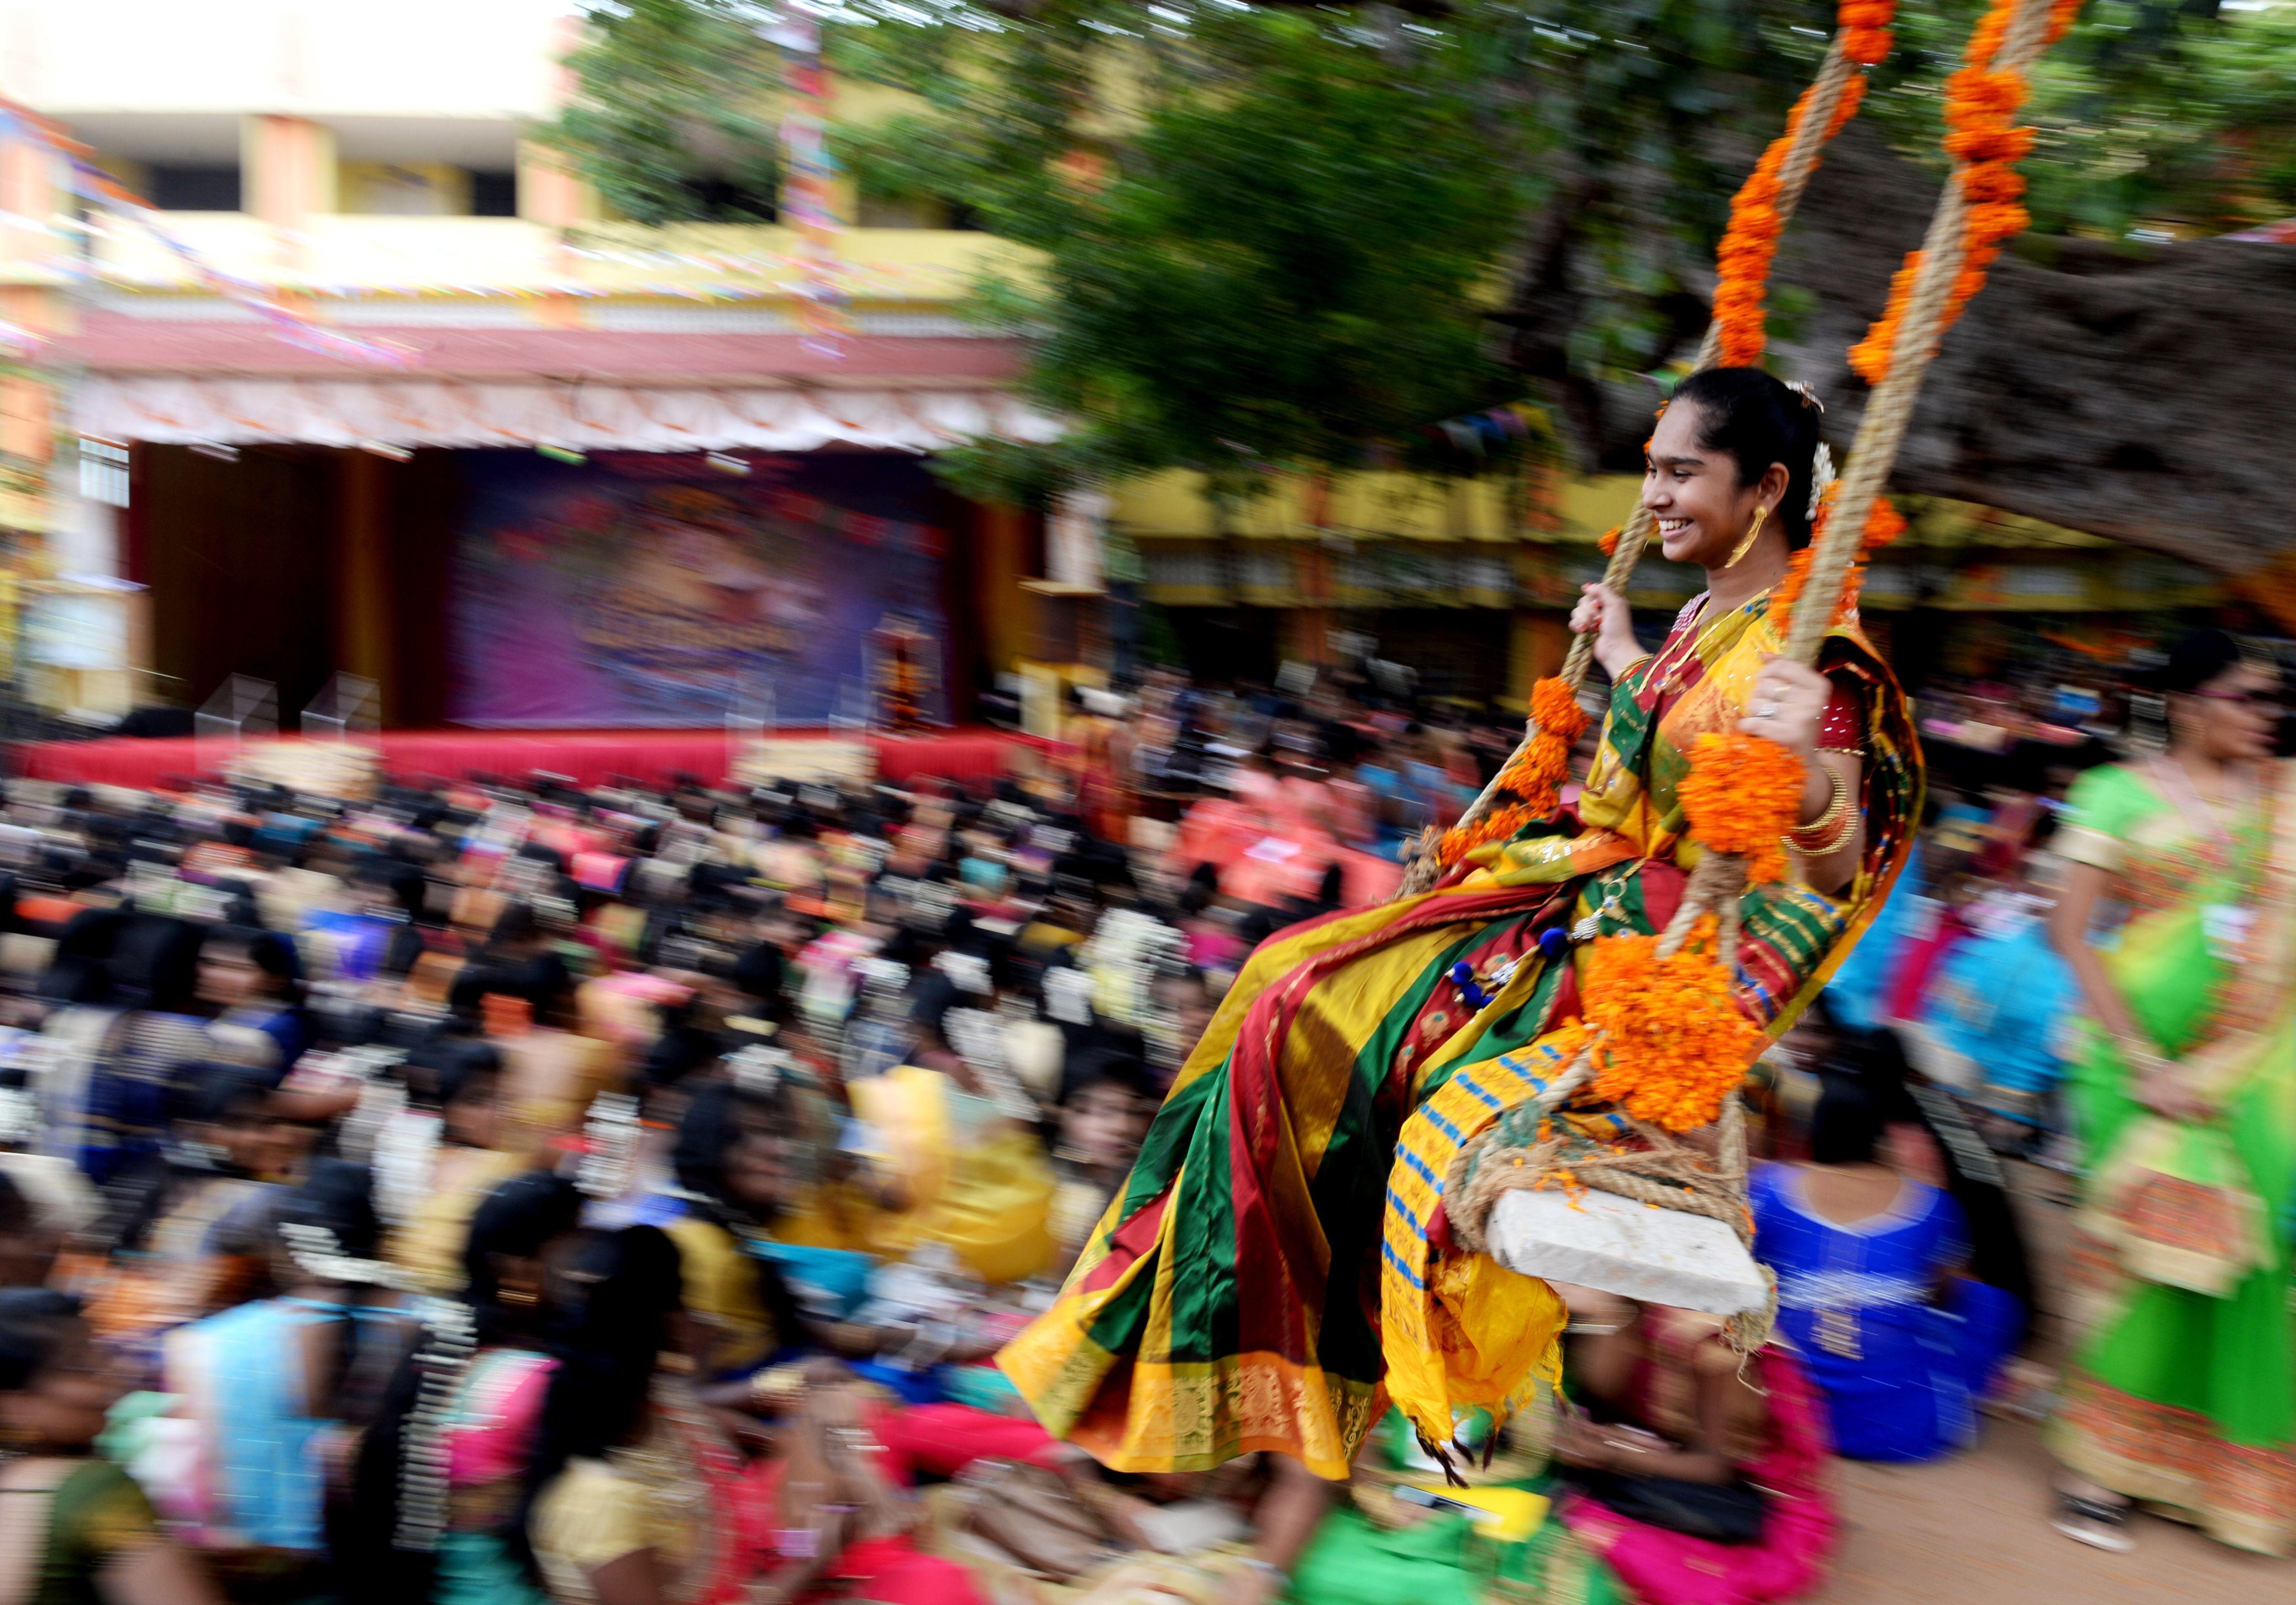 جانب من انطلاق احتفالات مهرجان الحصاد فى الهند